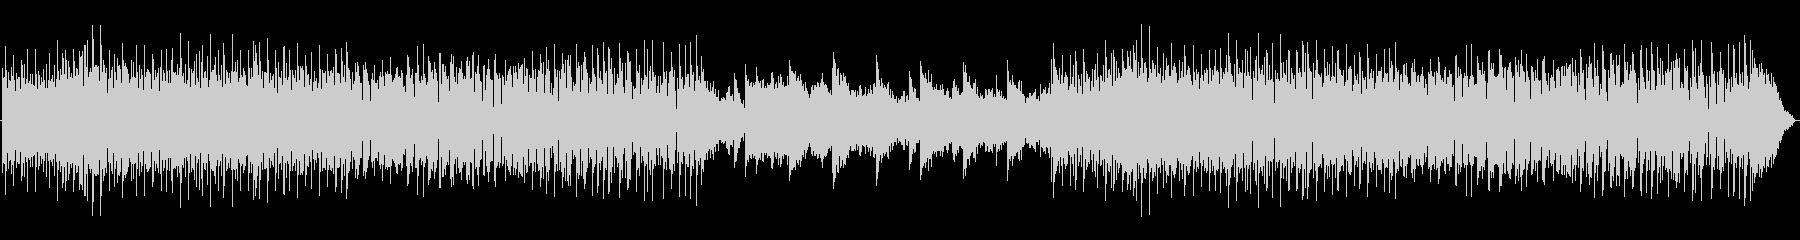 エレクトリックピアノ、ローパーカッ...の未再生の波形